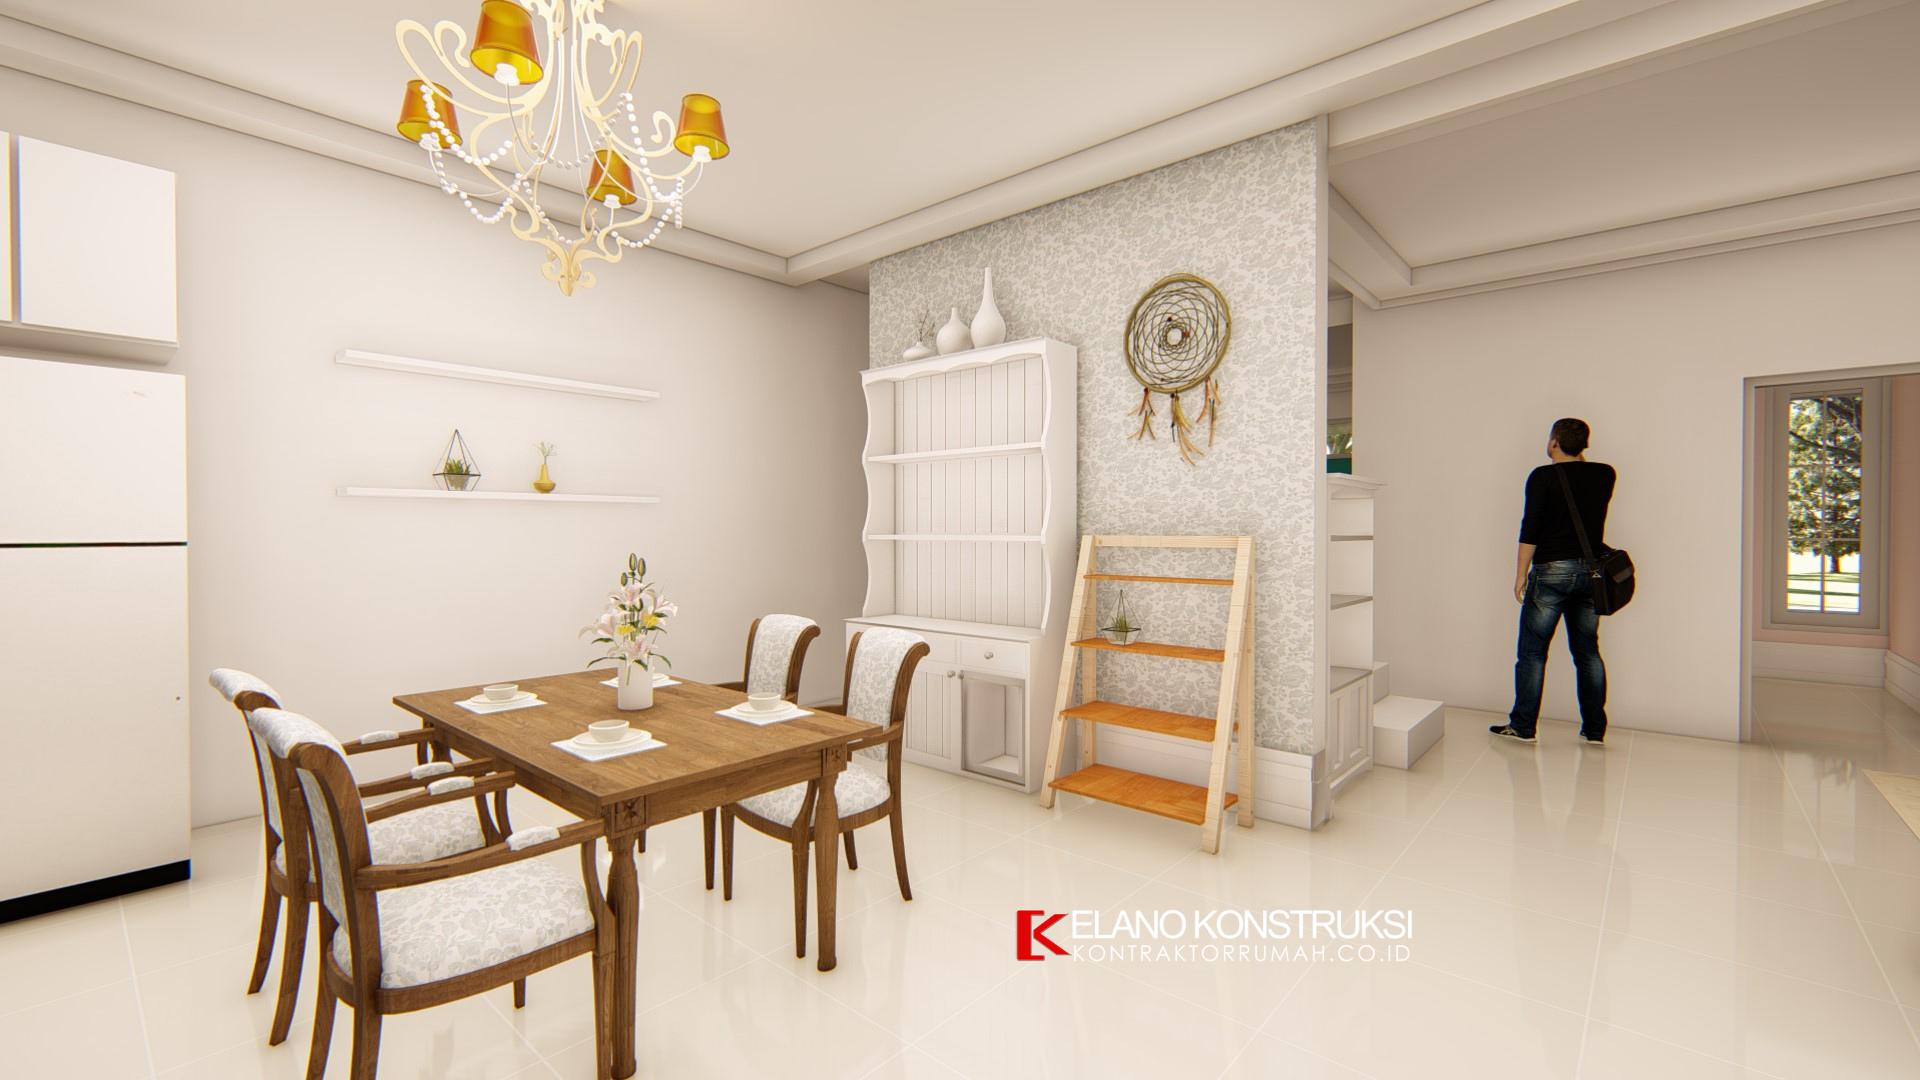 Untitled design 11 1 - Desain Interior Rumah shabby chic Bapak Wawan 250 M2 Depok